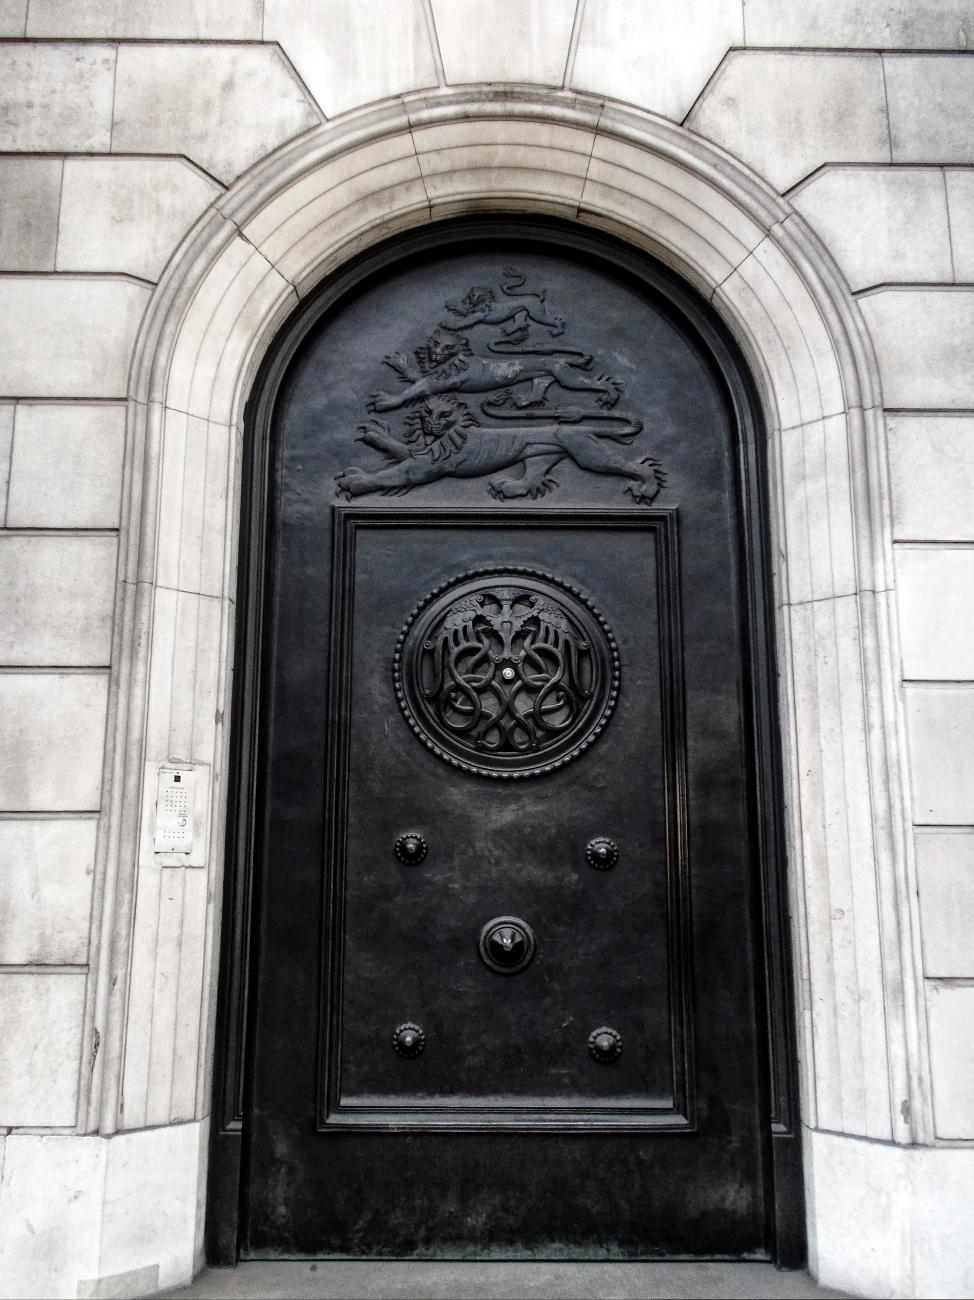 Door to the Bank of England